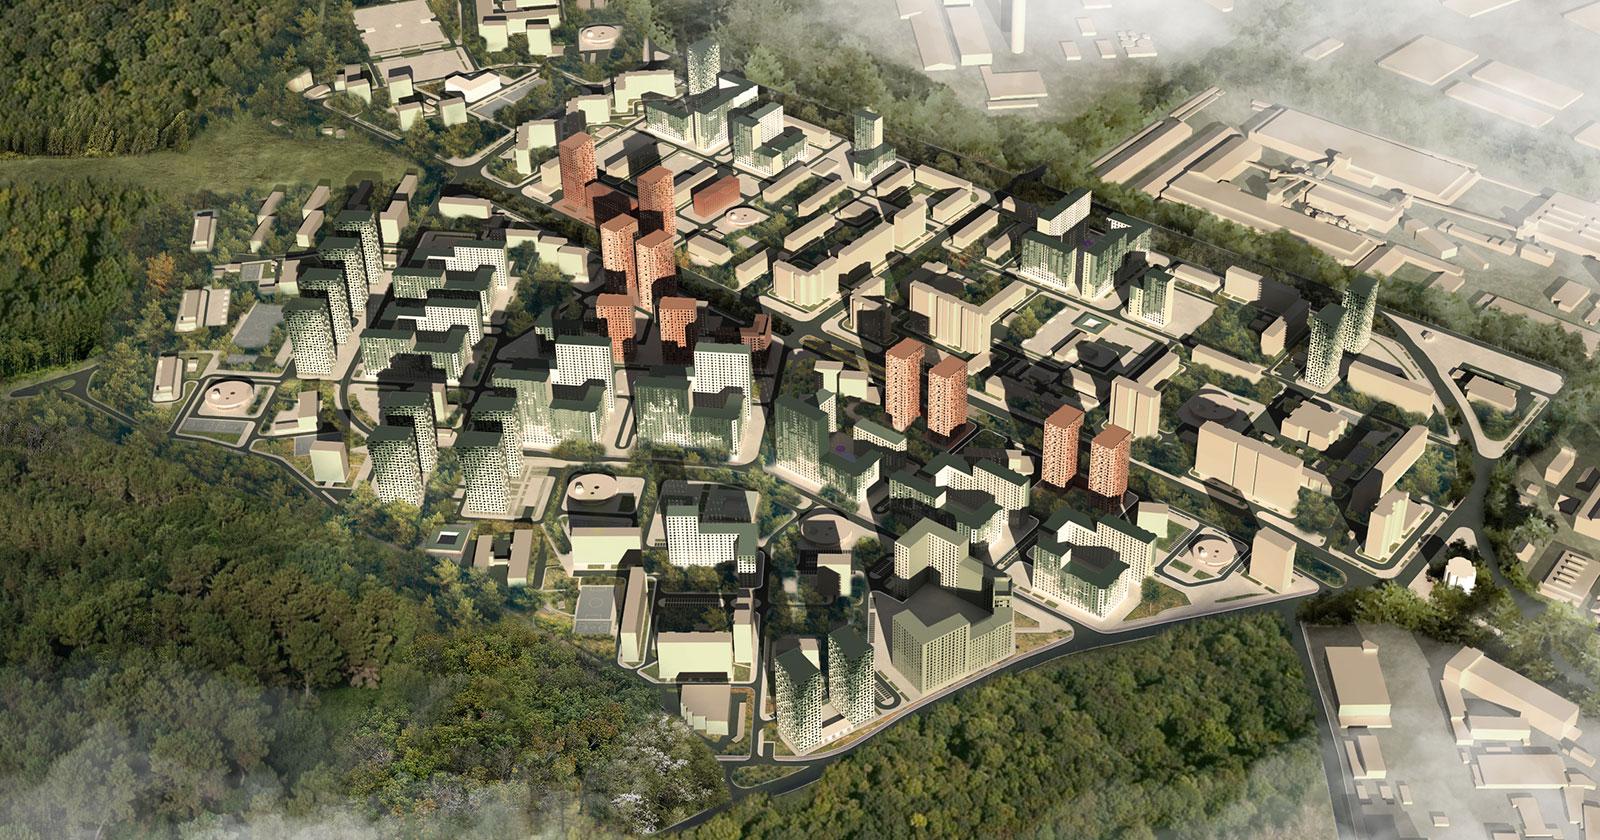 C+S Architects con Citizenstudio si aggiudica il concorso per ridisegnare il volto di Mosca